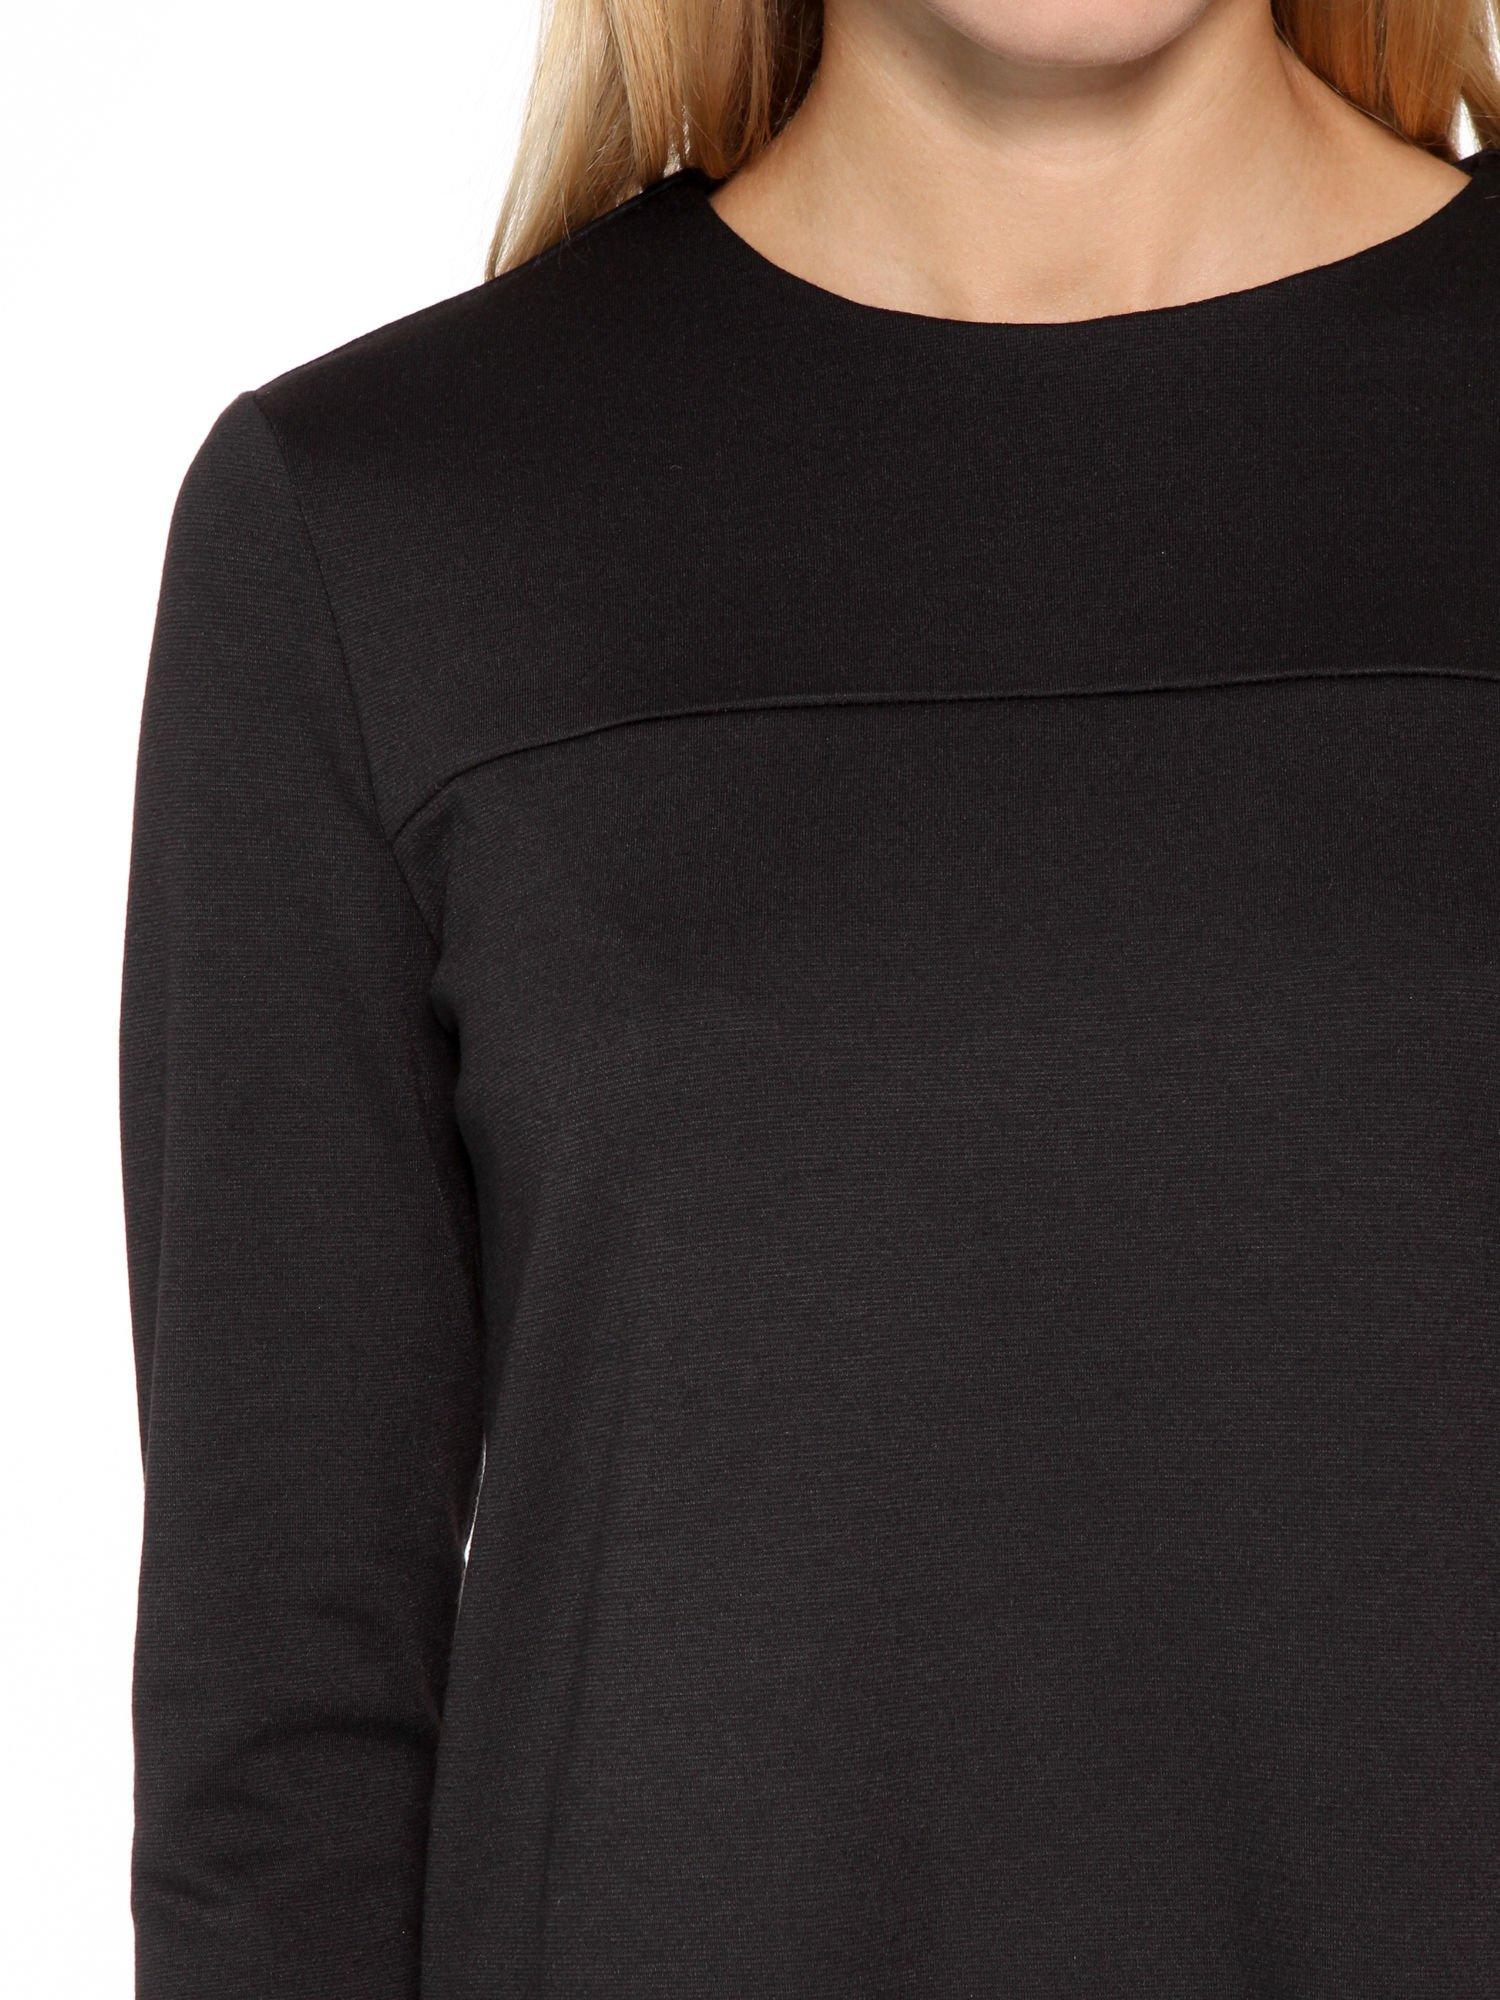 Czarna prosta sukienka z rękawami 3/4                                  zdj.                                  6